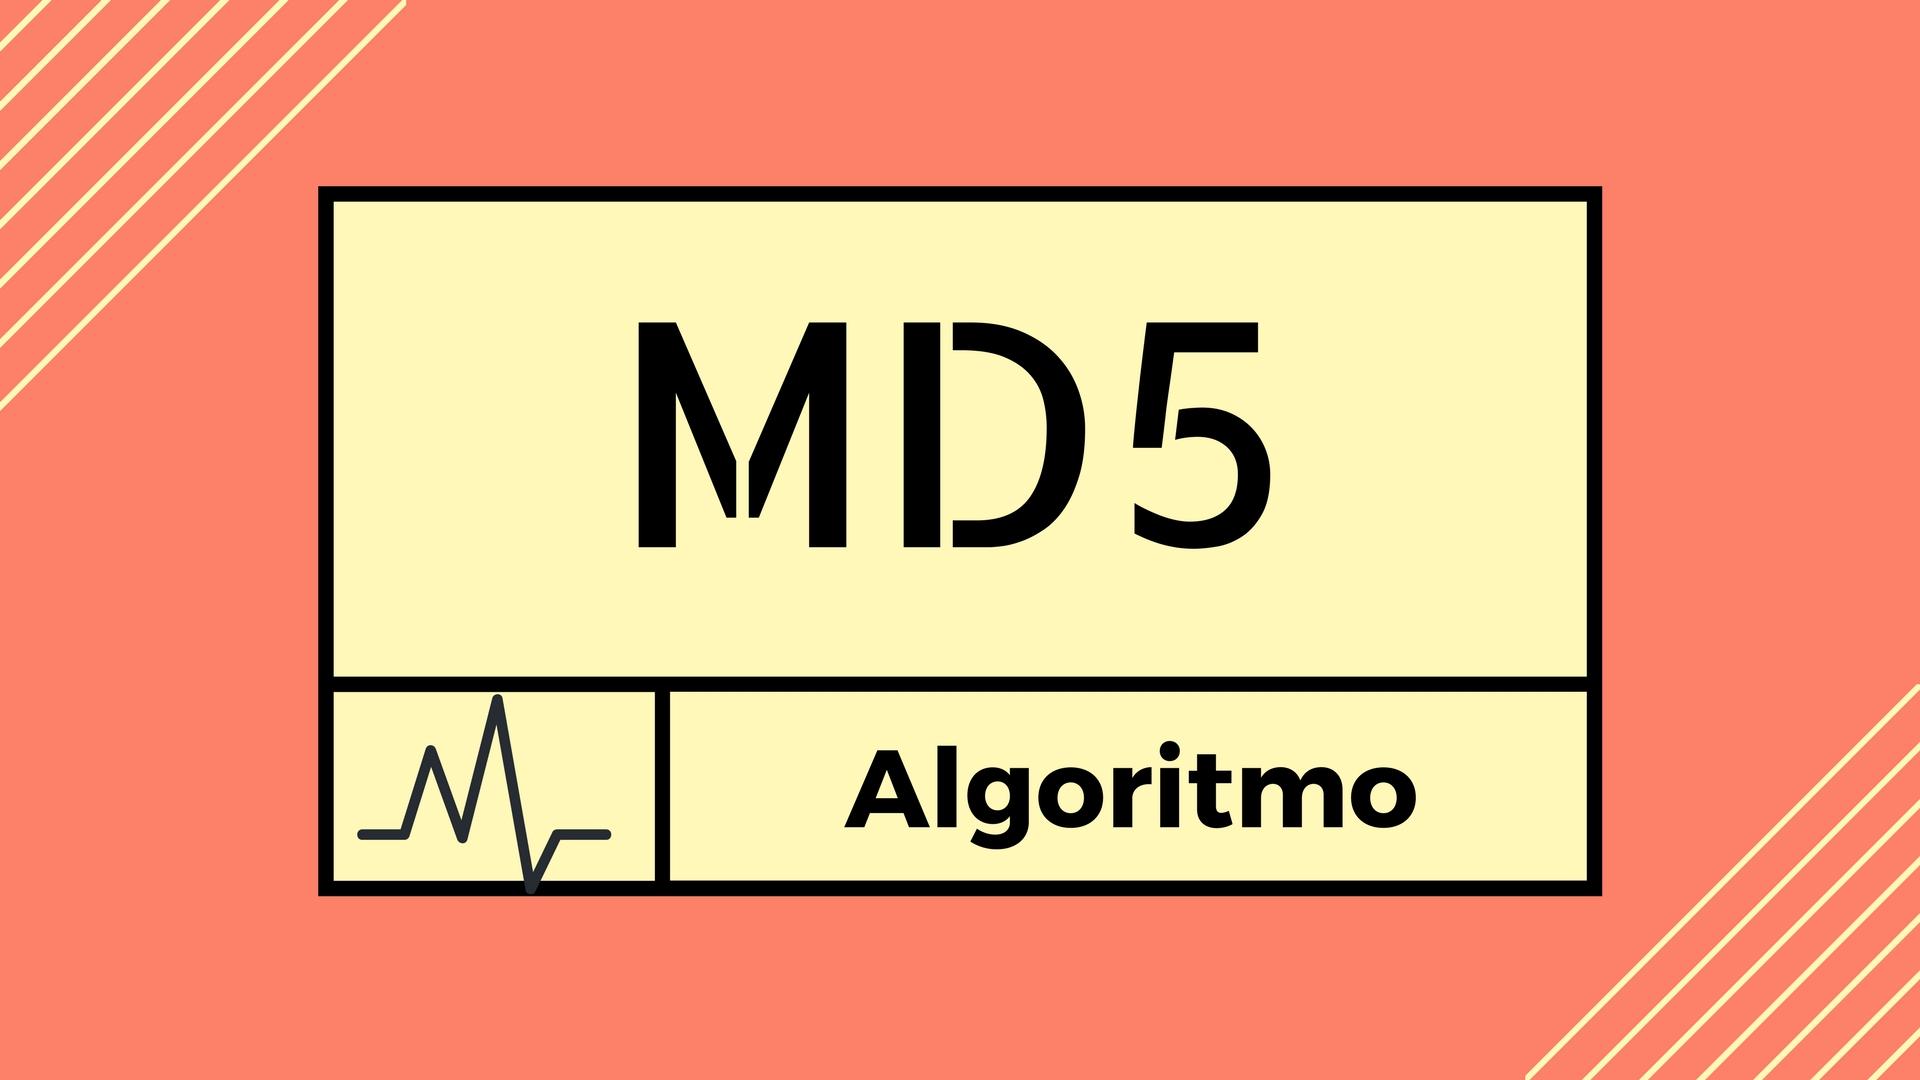 Todo lo que debes saber sobre el algoritmo MD5